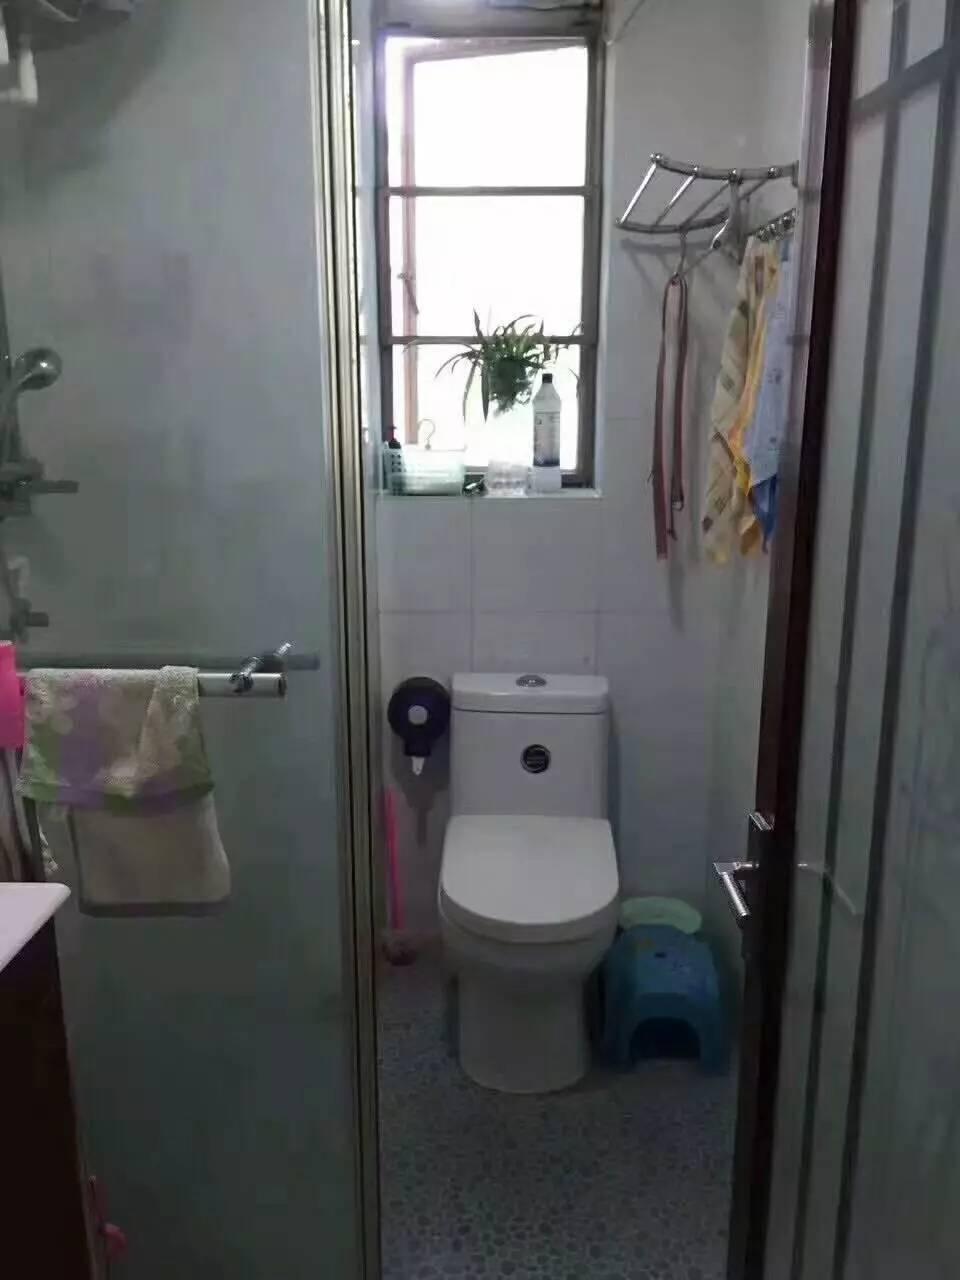 越秀德政中路 清水濠 3室2厅 全明屋 75平米 售255万